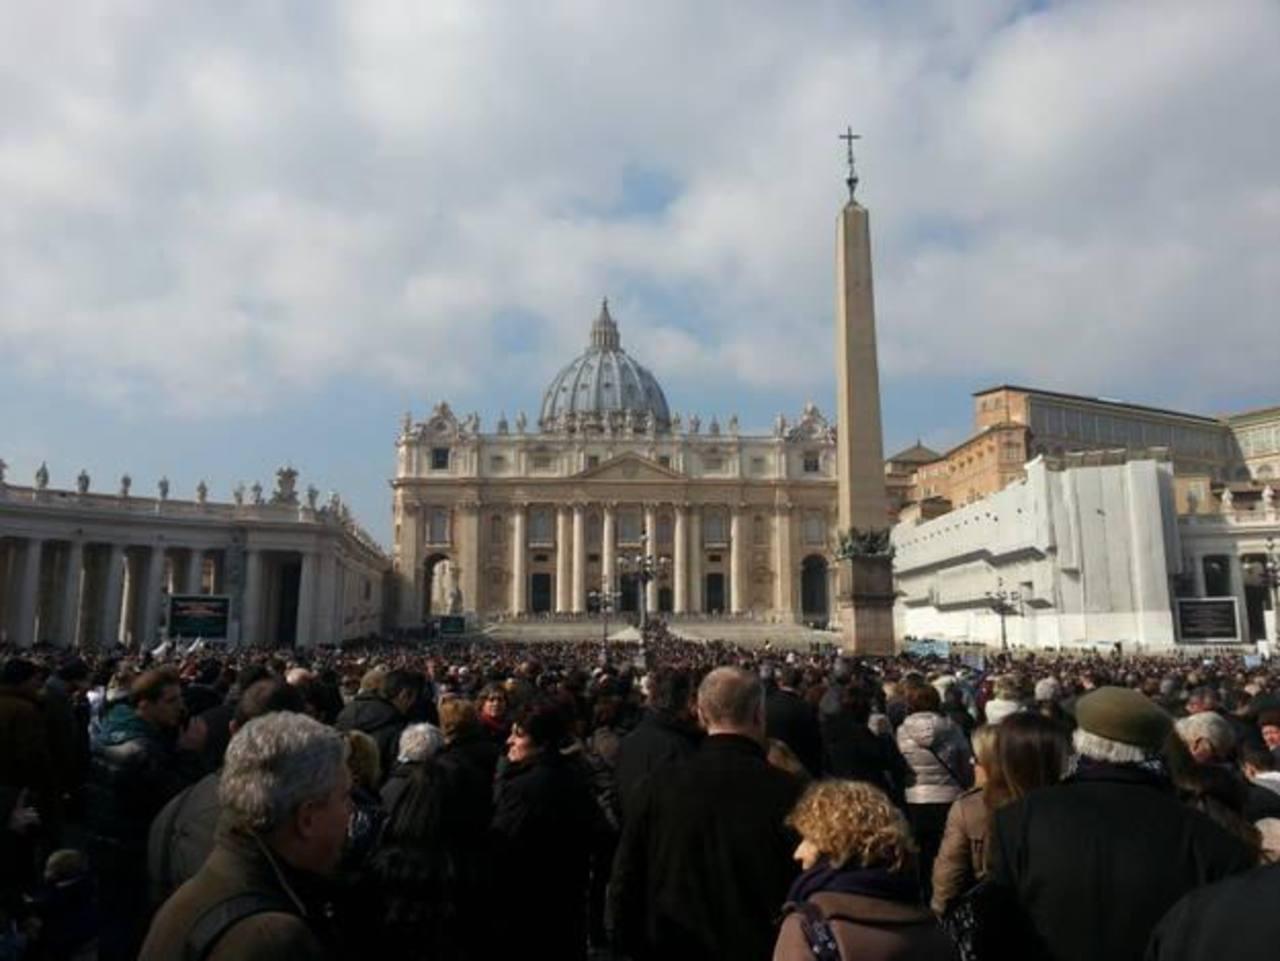 La Plaza de San Pedro ha sido visitada por miles tras el anuncio de la renuncia del Papa. foto edh / jaime garcía oriani.Nadie reivindicó los atentados del fin de semana en los barrios iraquíes. foto edh / reuters